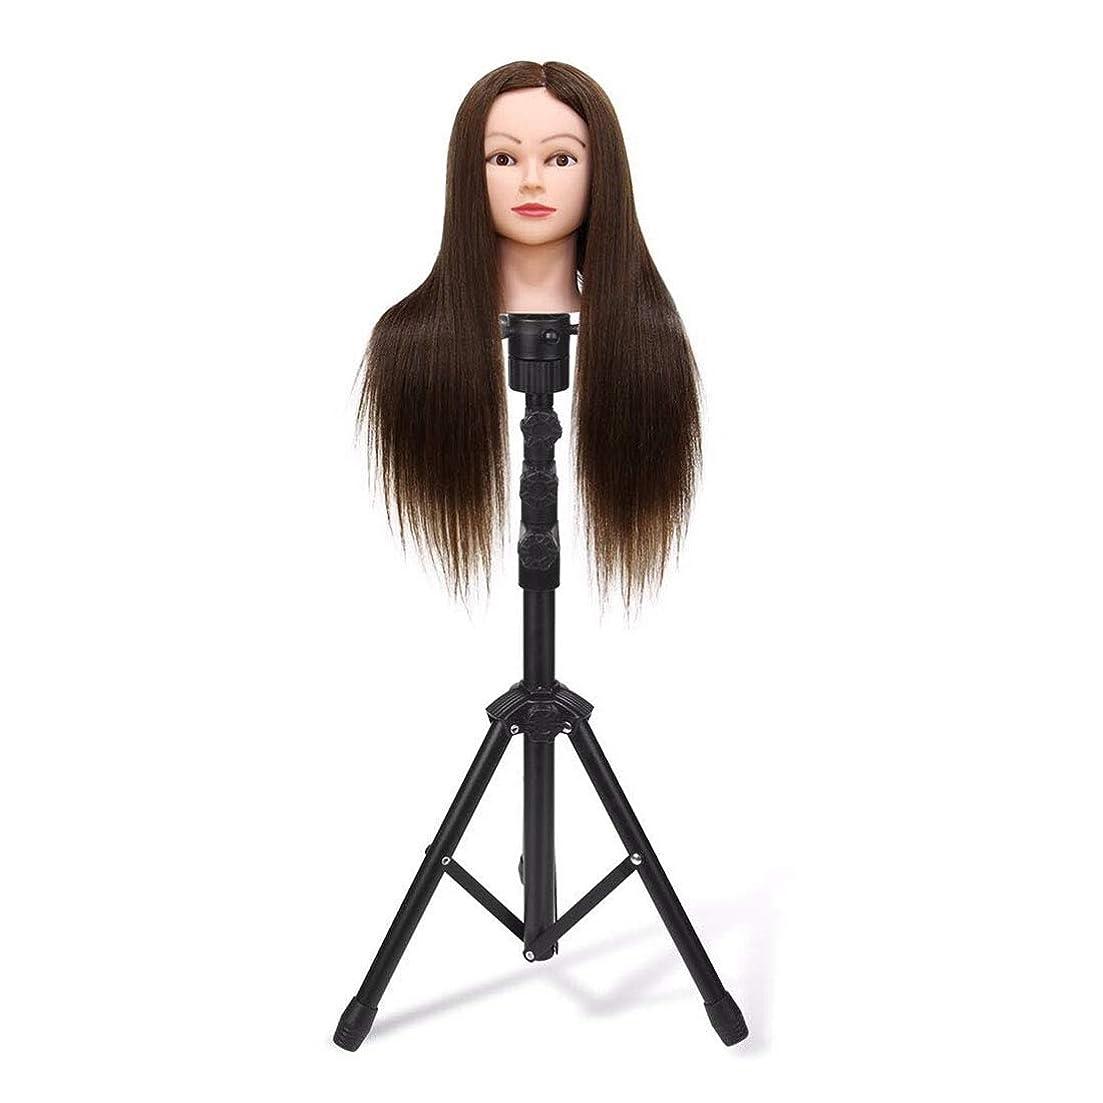 咳超える息子WTYD 美容ヘアツール 美容整形式三脚スタンドサロントレーニングヘッドヘアウィッグブラケットホルダー、身長:80-150cm